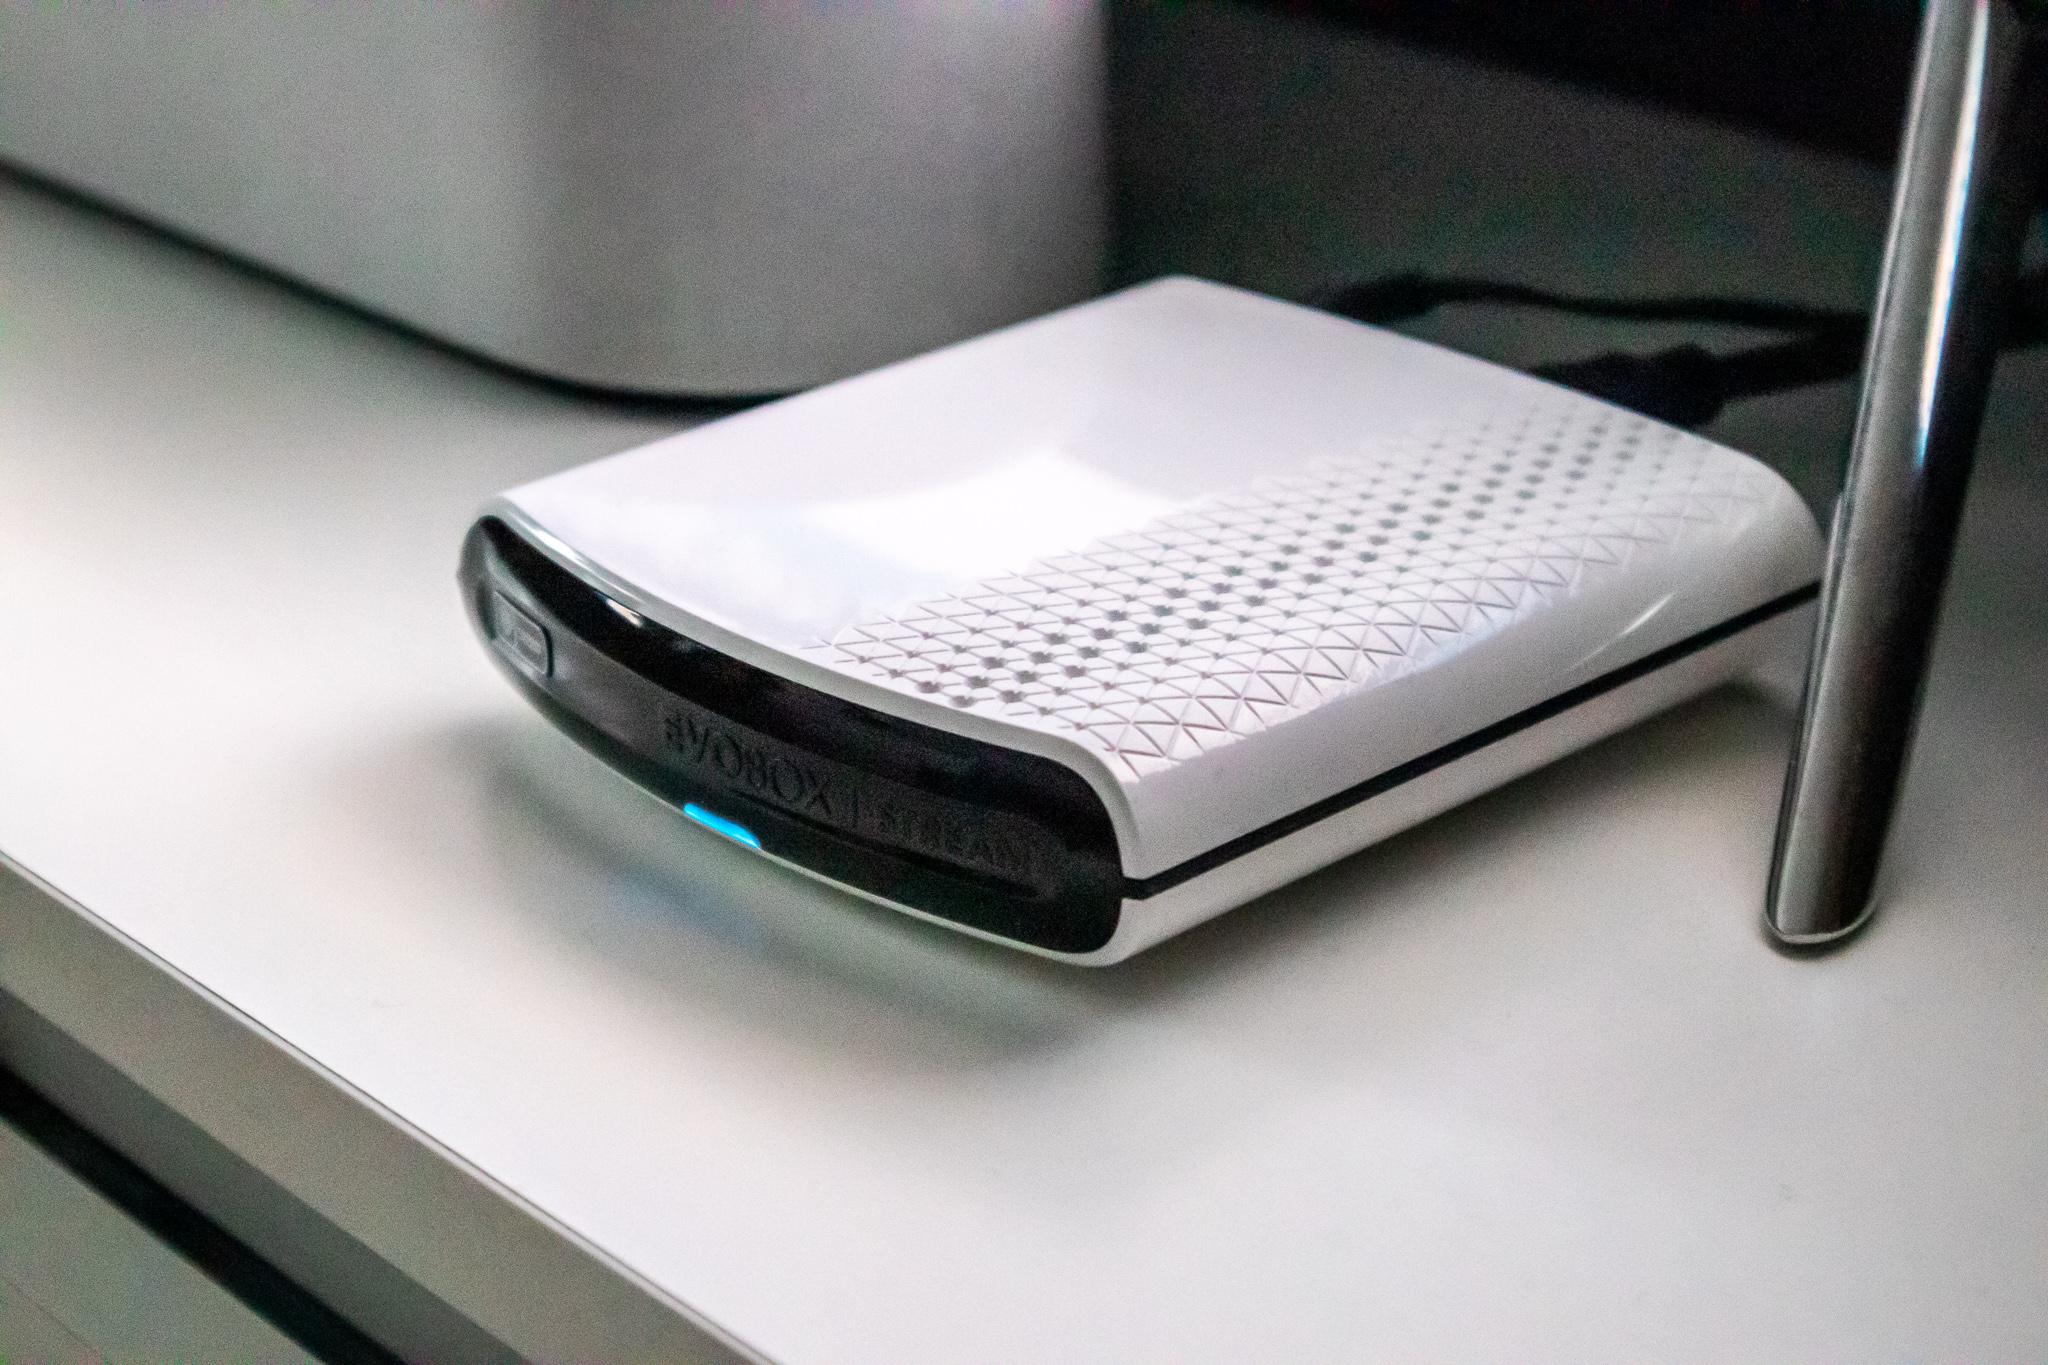 Evobox Stream-ek zer egin dezakeen egiaztatzen dugu - Internet bidez telebistarako sarbidea eskaintzen duen deskodetzailea